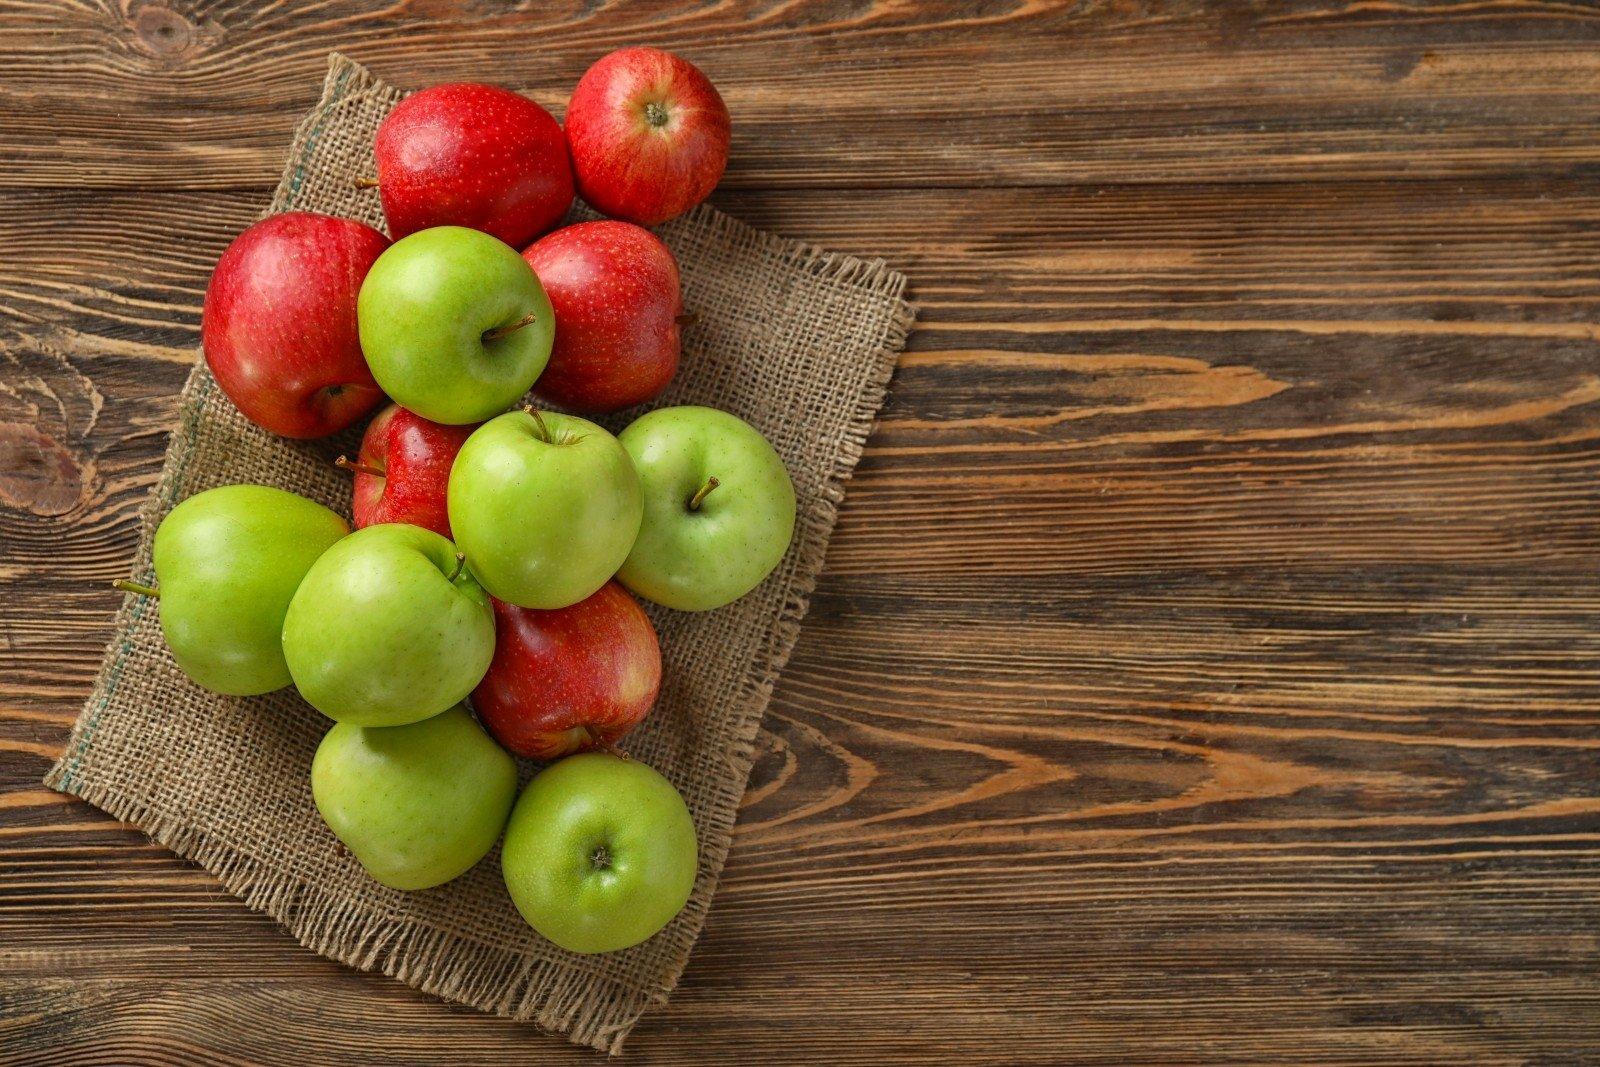 Daktaras Unikauskas papasakojo, kaip sumažinti infarkto riziką: svarbiausia – tinkama mityba